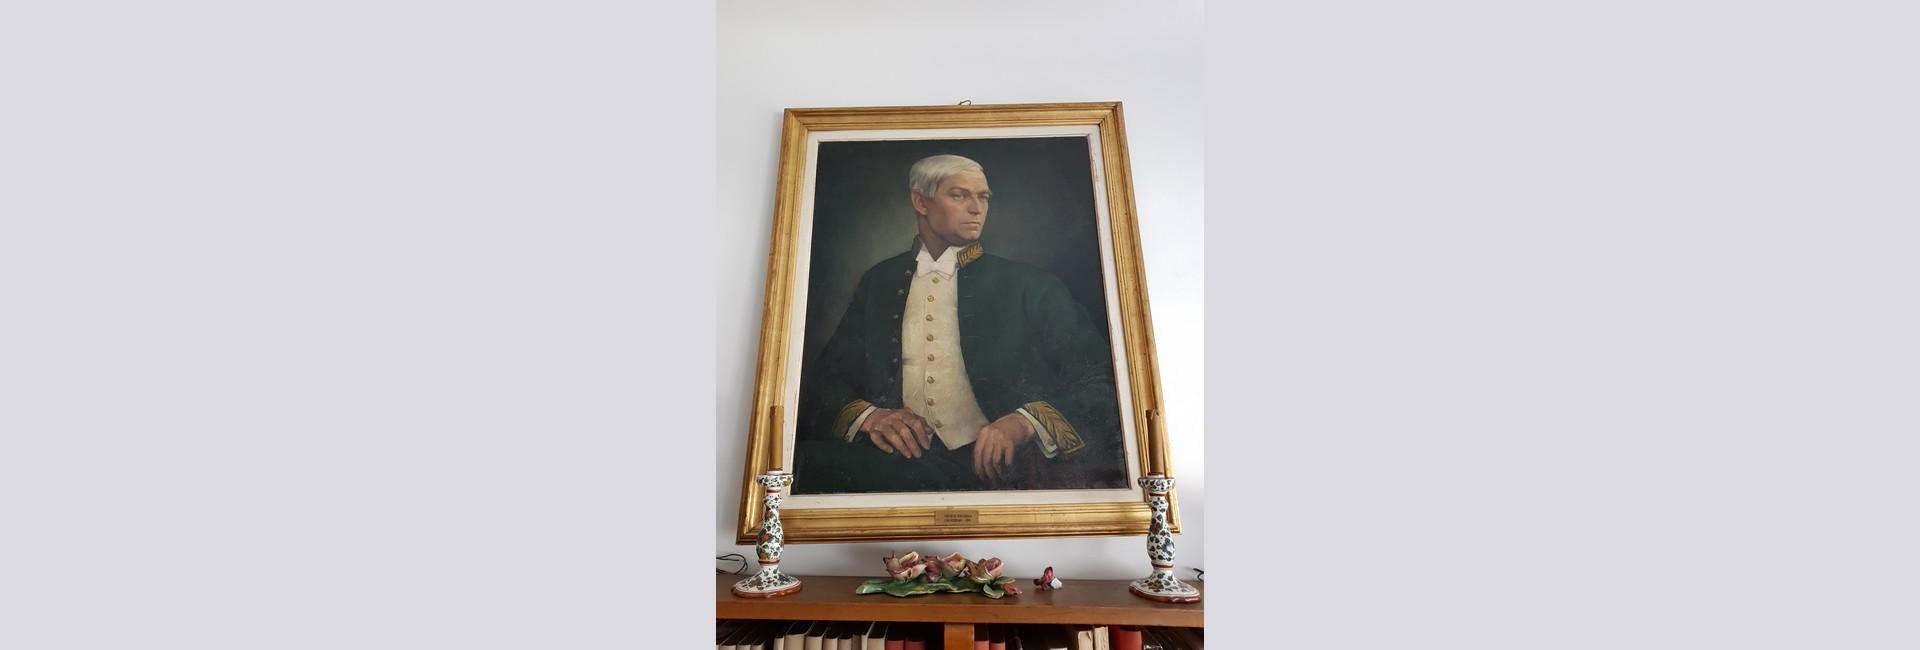 Liviu Rebreanu scriitor de geniu literatura română general armata austro-ungară slider